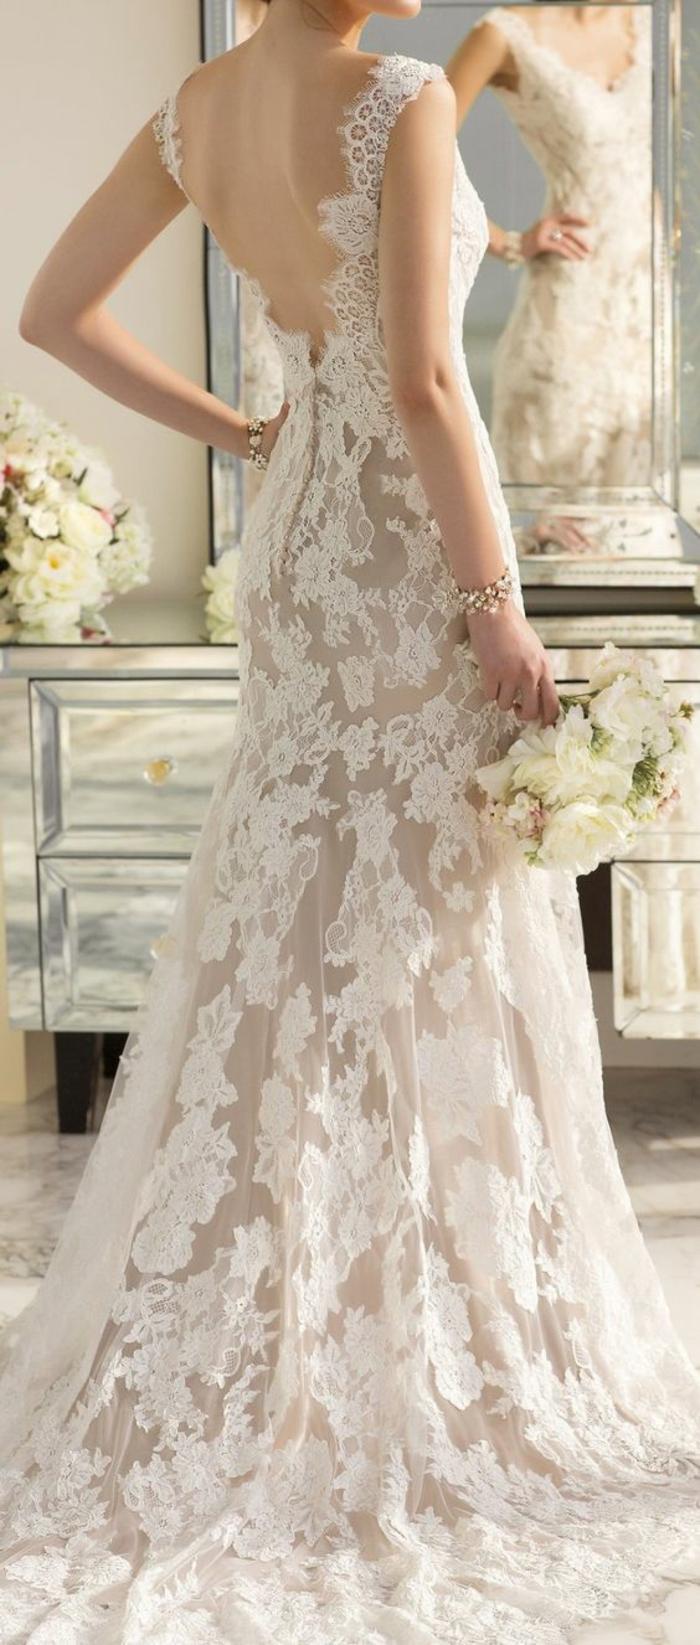 robe de mariée longue en dentelle dos décolleté, coupe élégante et fluide